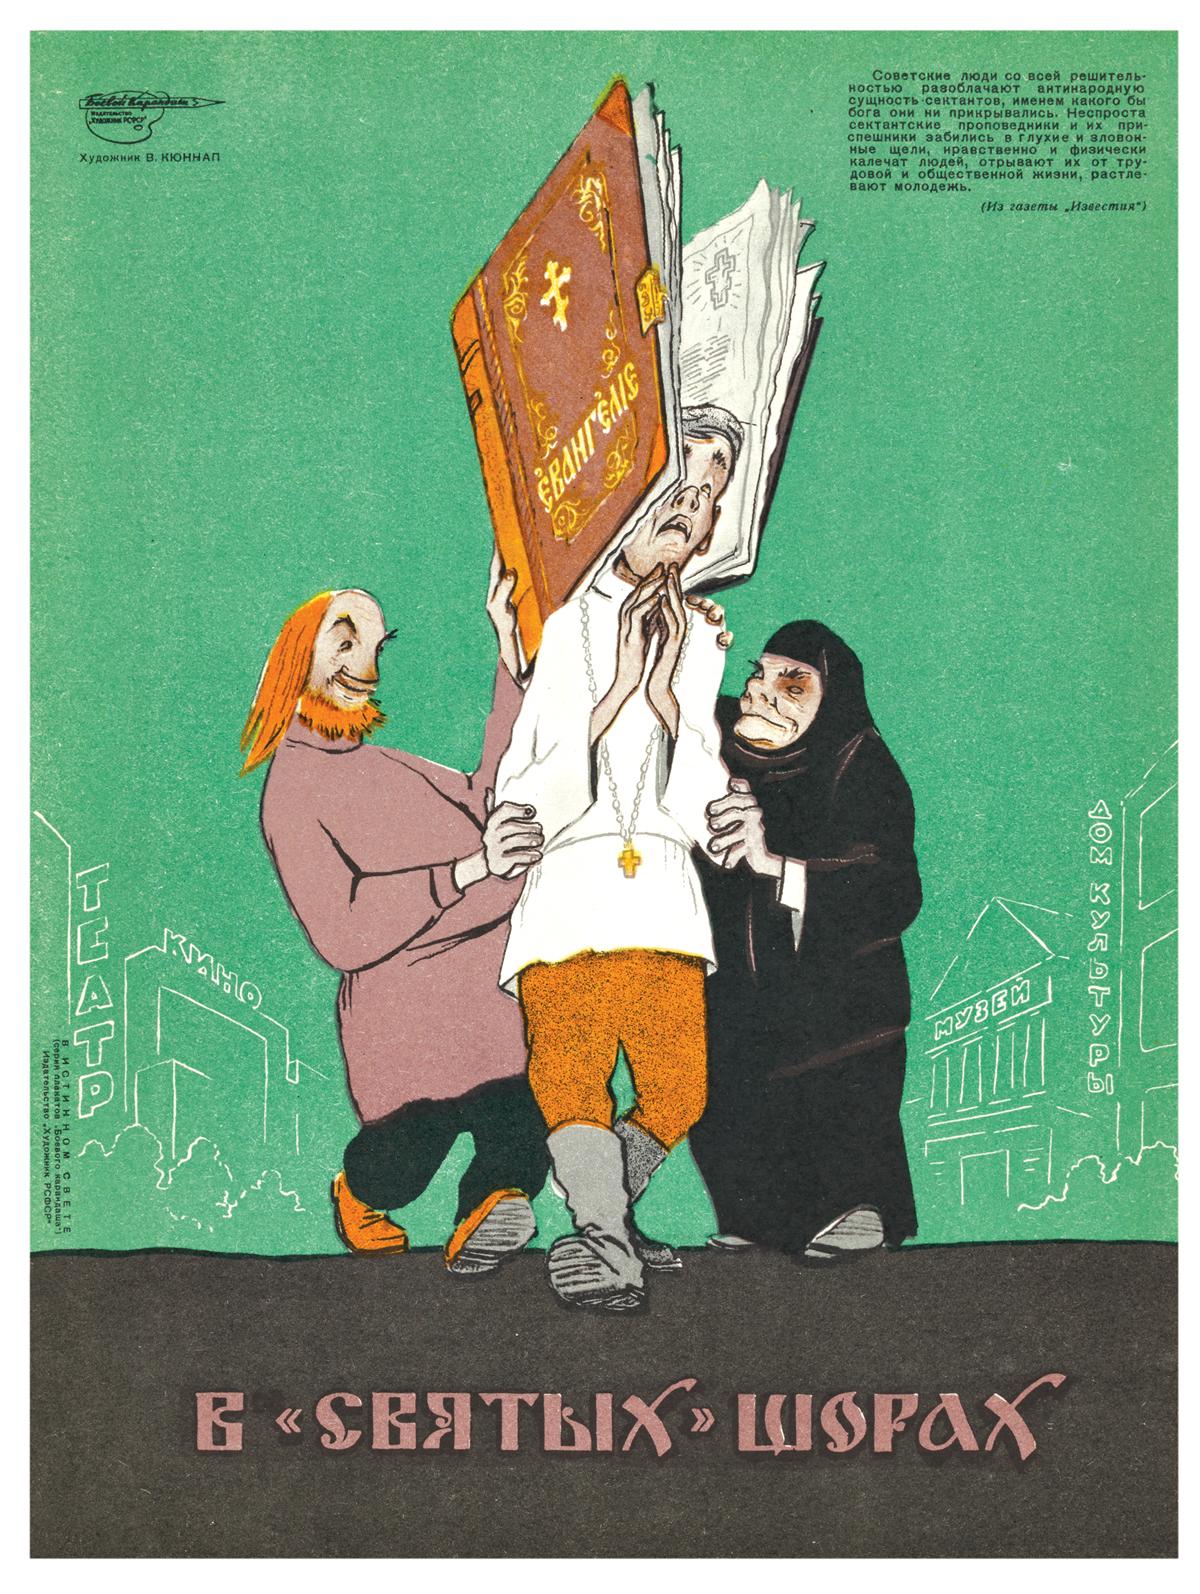 Οι ιεροκήρυκες εξαπατούν τους πολίτες και τους απομακρύνουν από την εργασία, την κοινωνική ζωή και τον πολιτισμό, ενώ διαφθείρουν και τη νεολαία (Εφημερίδα «Ισβέστια», 1962)